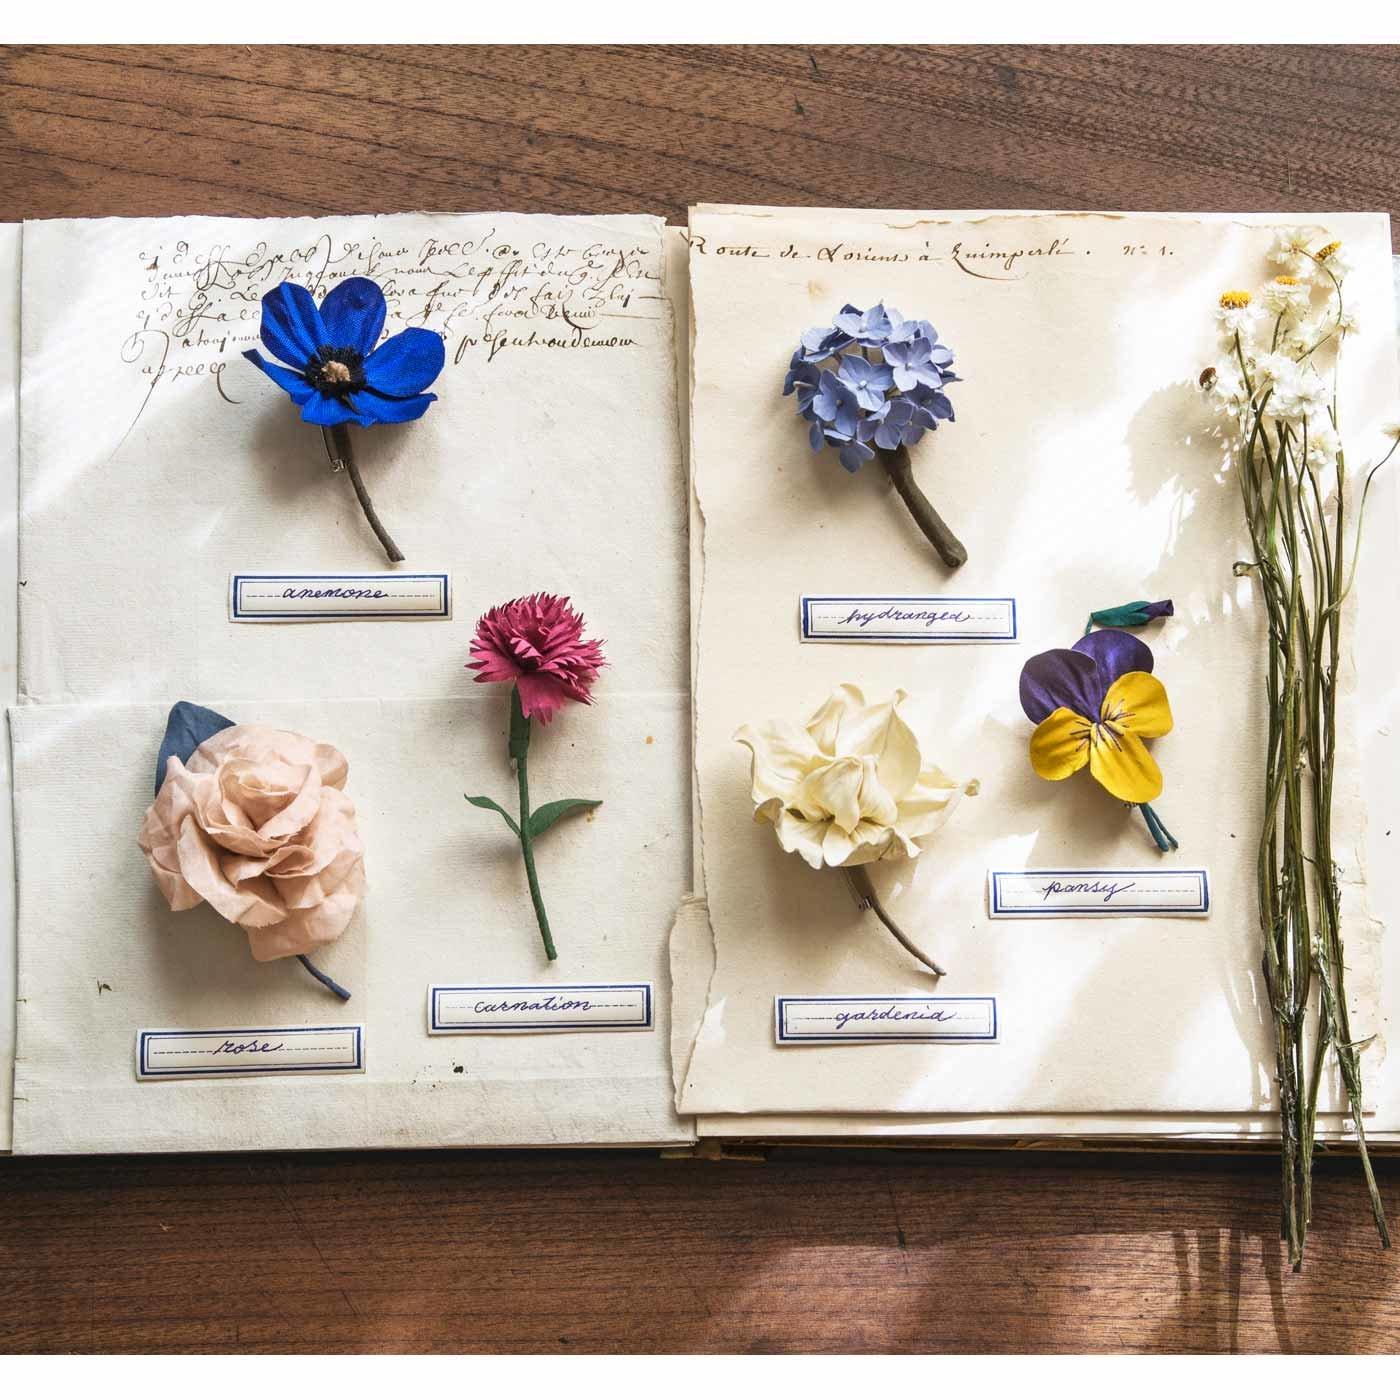 植物図鑑からそっと取り出したような 布花のコサージュ